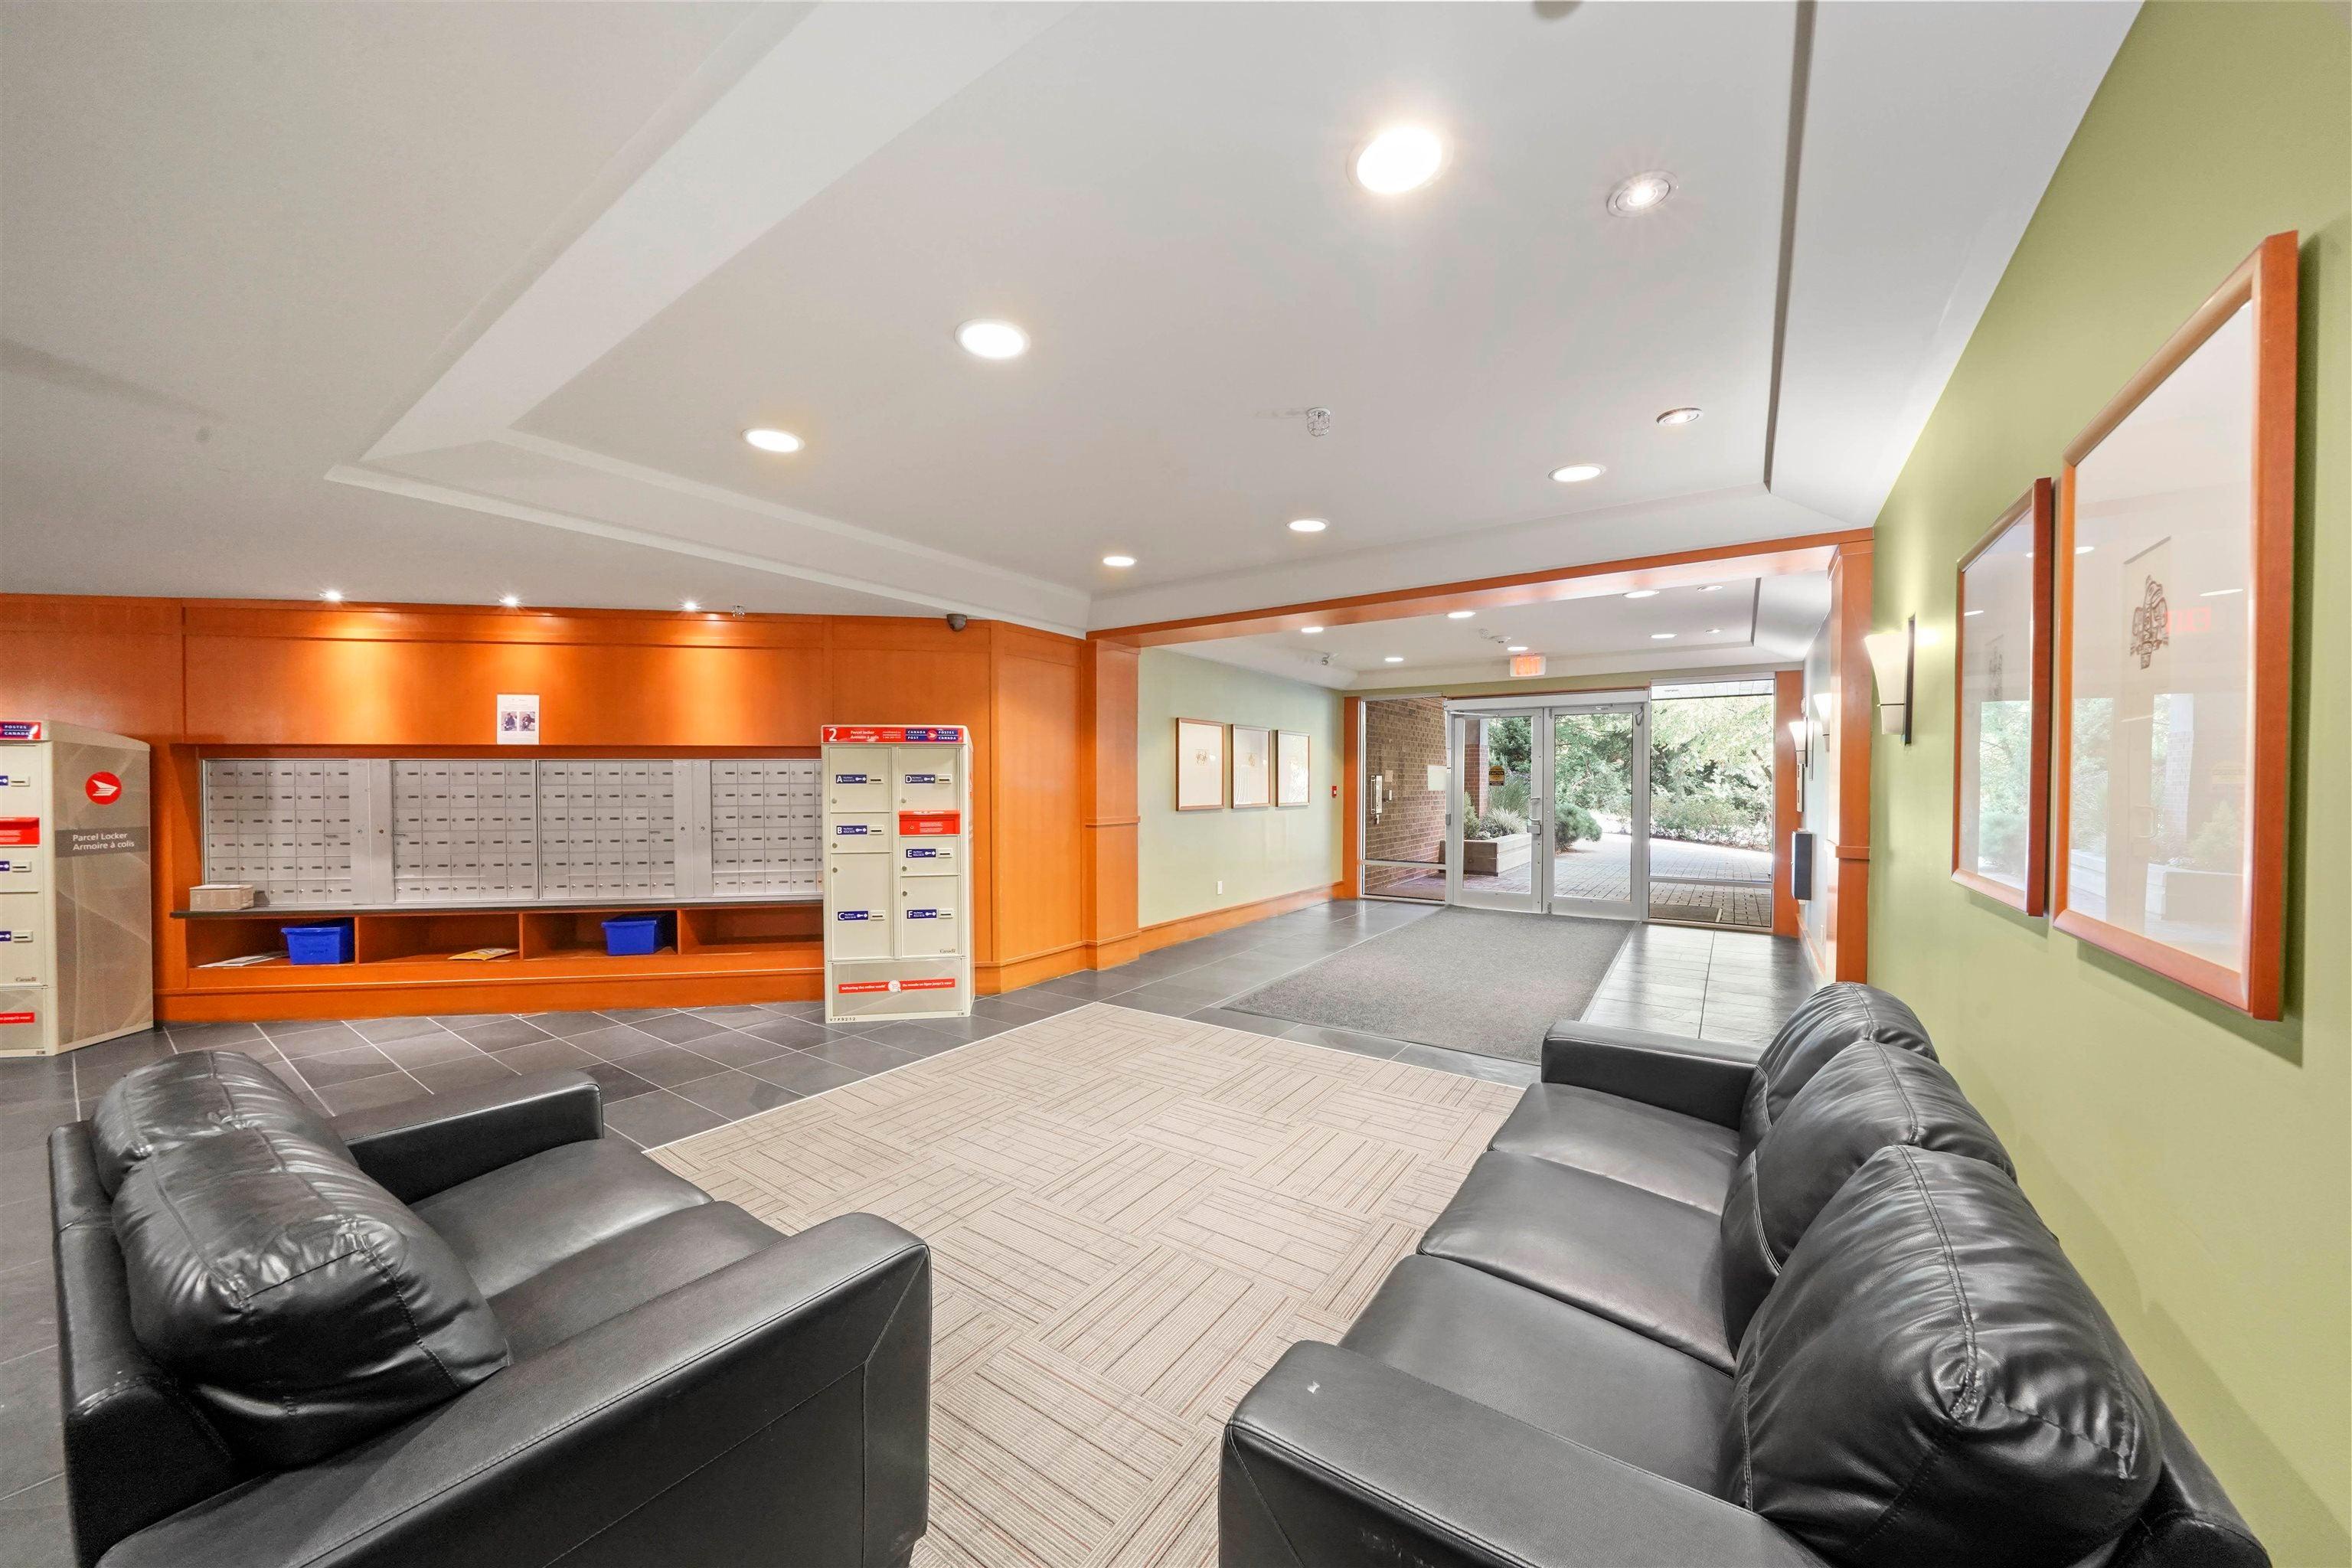 319 1633 MACKAY AVENUE - Pemberton NV Apartment/Condo for sale, 2 Bedrooms (R2624916) - #27